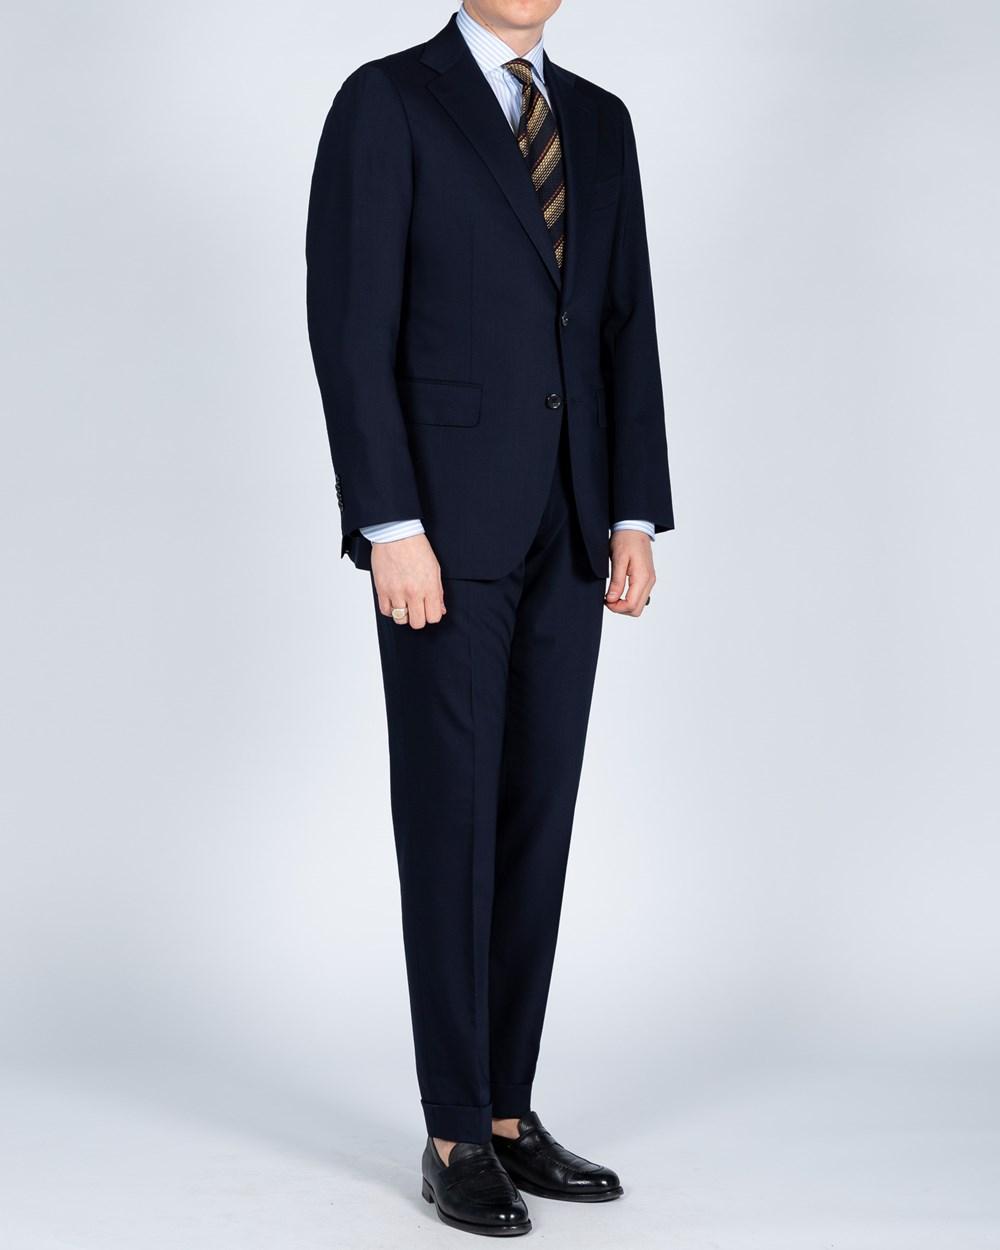 Cavour Blue Suit